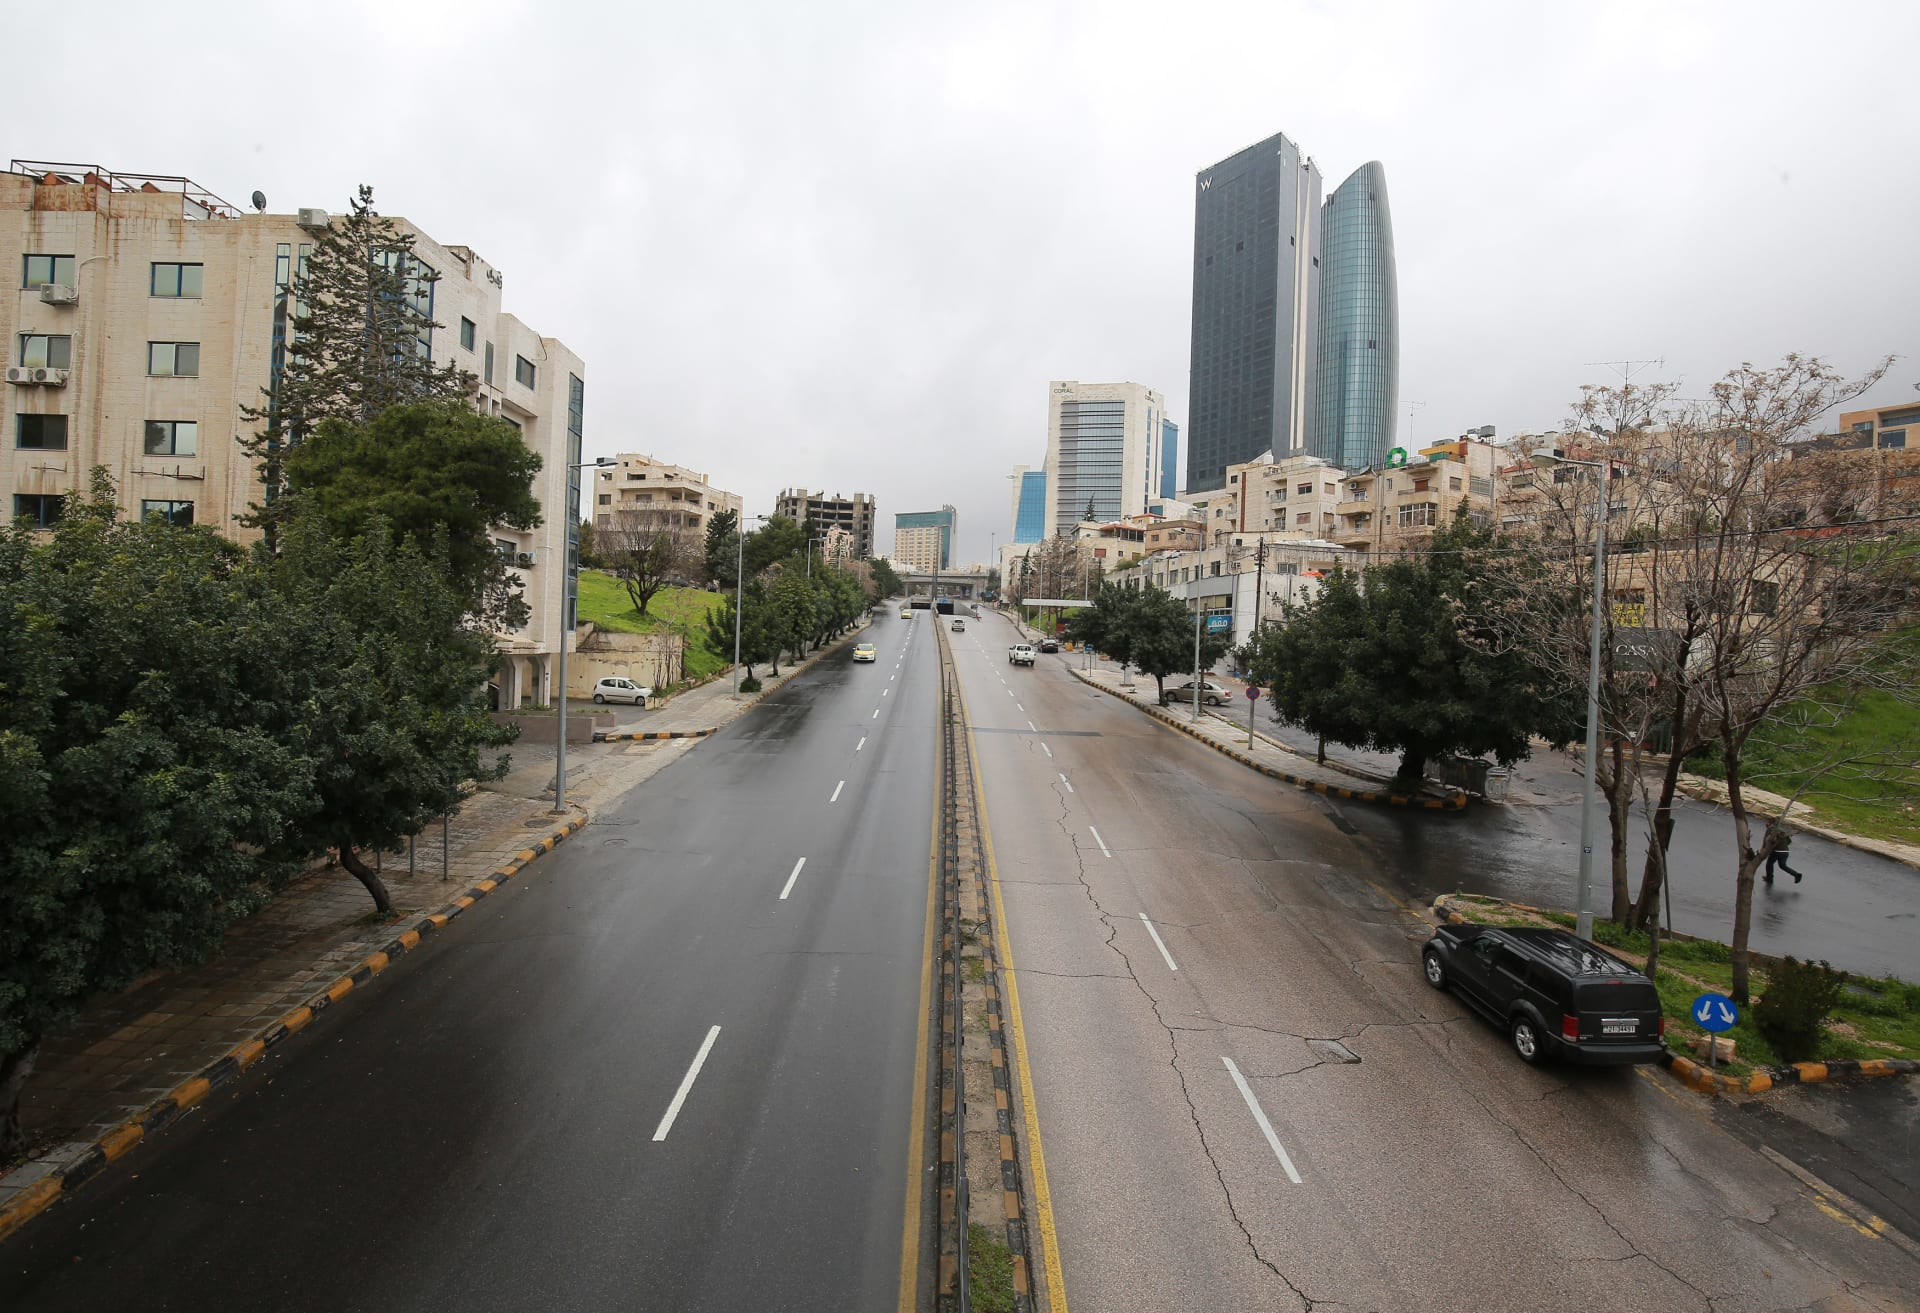 الأردن.. العودة لسلسلة إغلاق تشمل قطاع التعليم والمساجد والكنائس والأسواق والمقاهي والمطاعم لأسبوعين